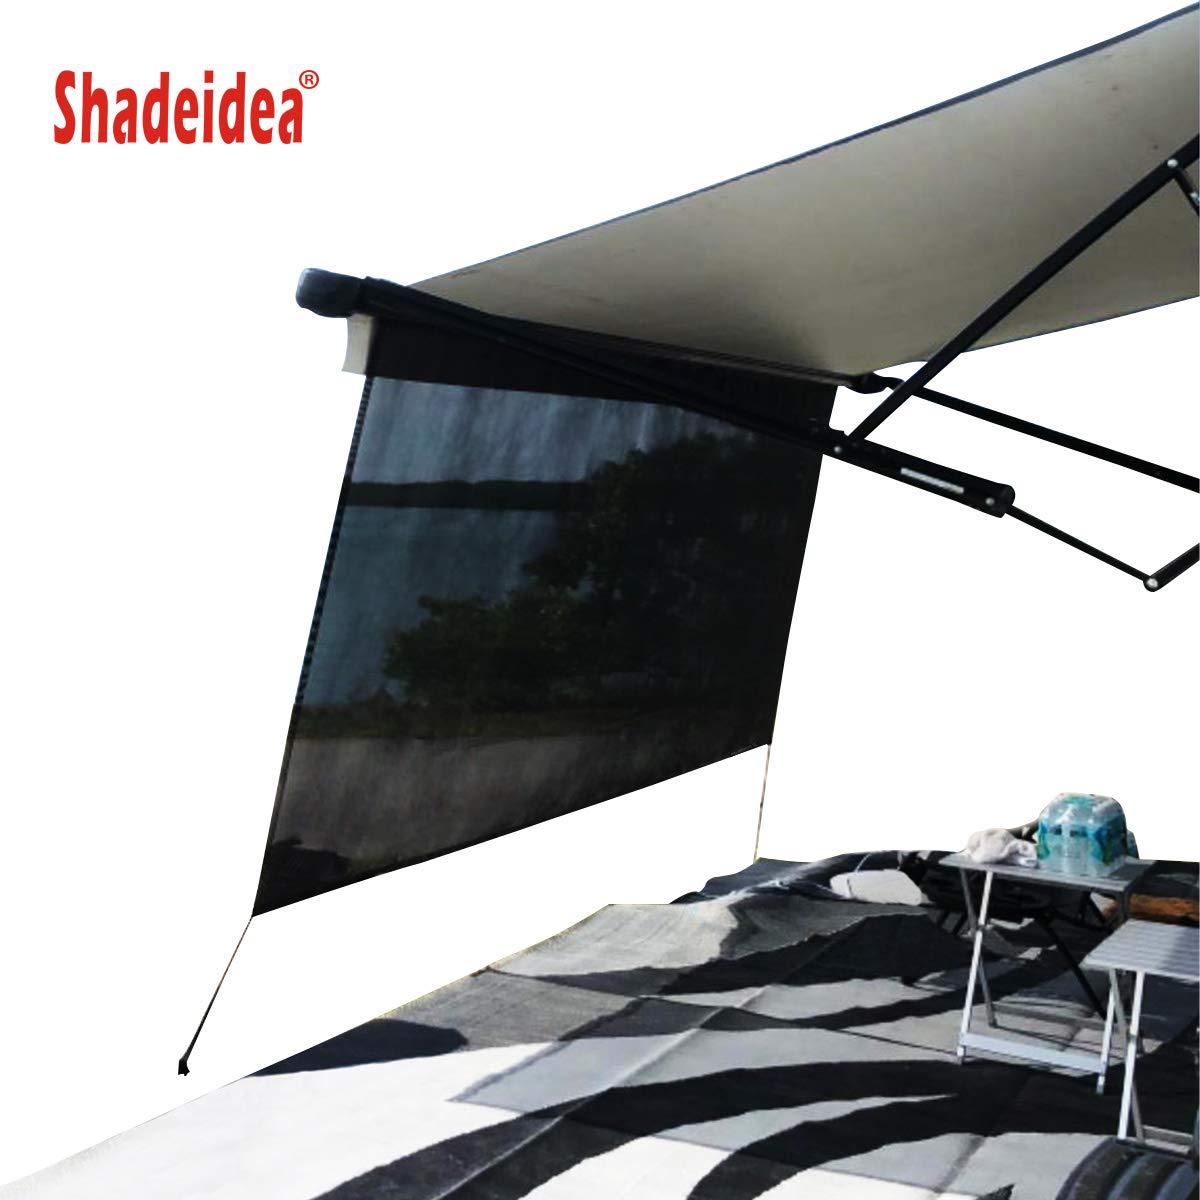 Shadeidea RV Sun Shade Screen for Awning 8 X 12 5 Black Mesh Sunshade Motorhome Camping Trailer UV Sunblocker Canopy Sunscreen Offer 3 Years Warranty